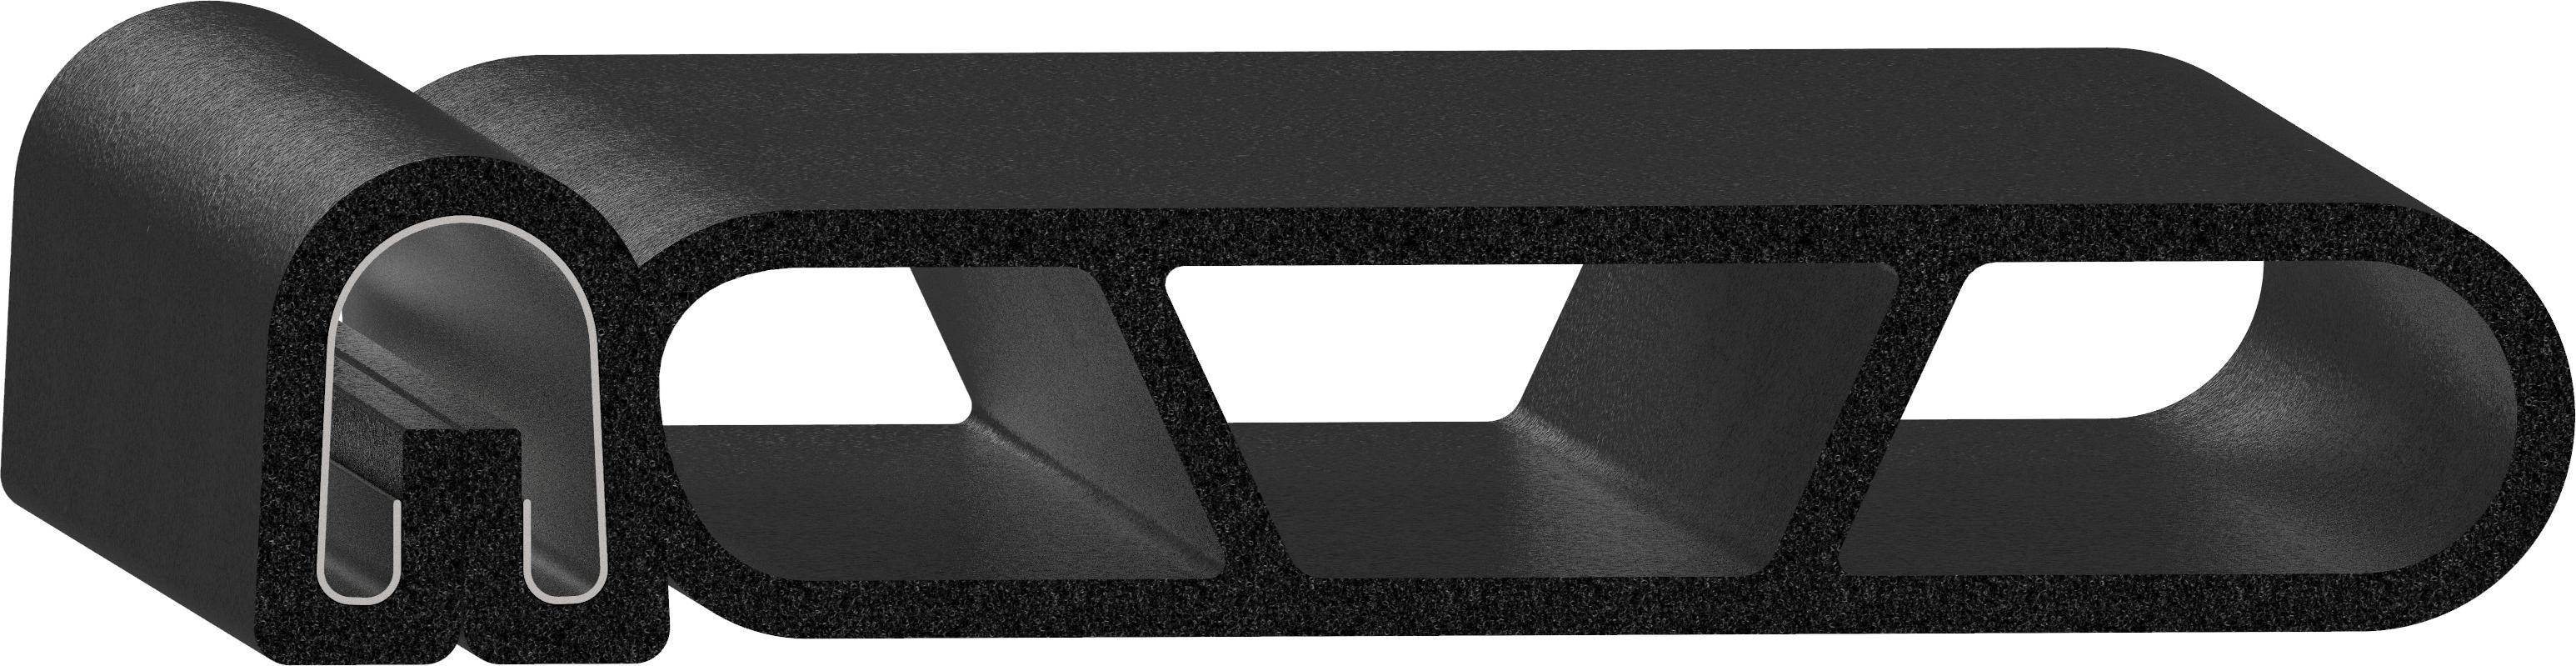 Uni-Grip part: SD-509-W 500L